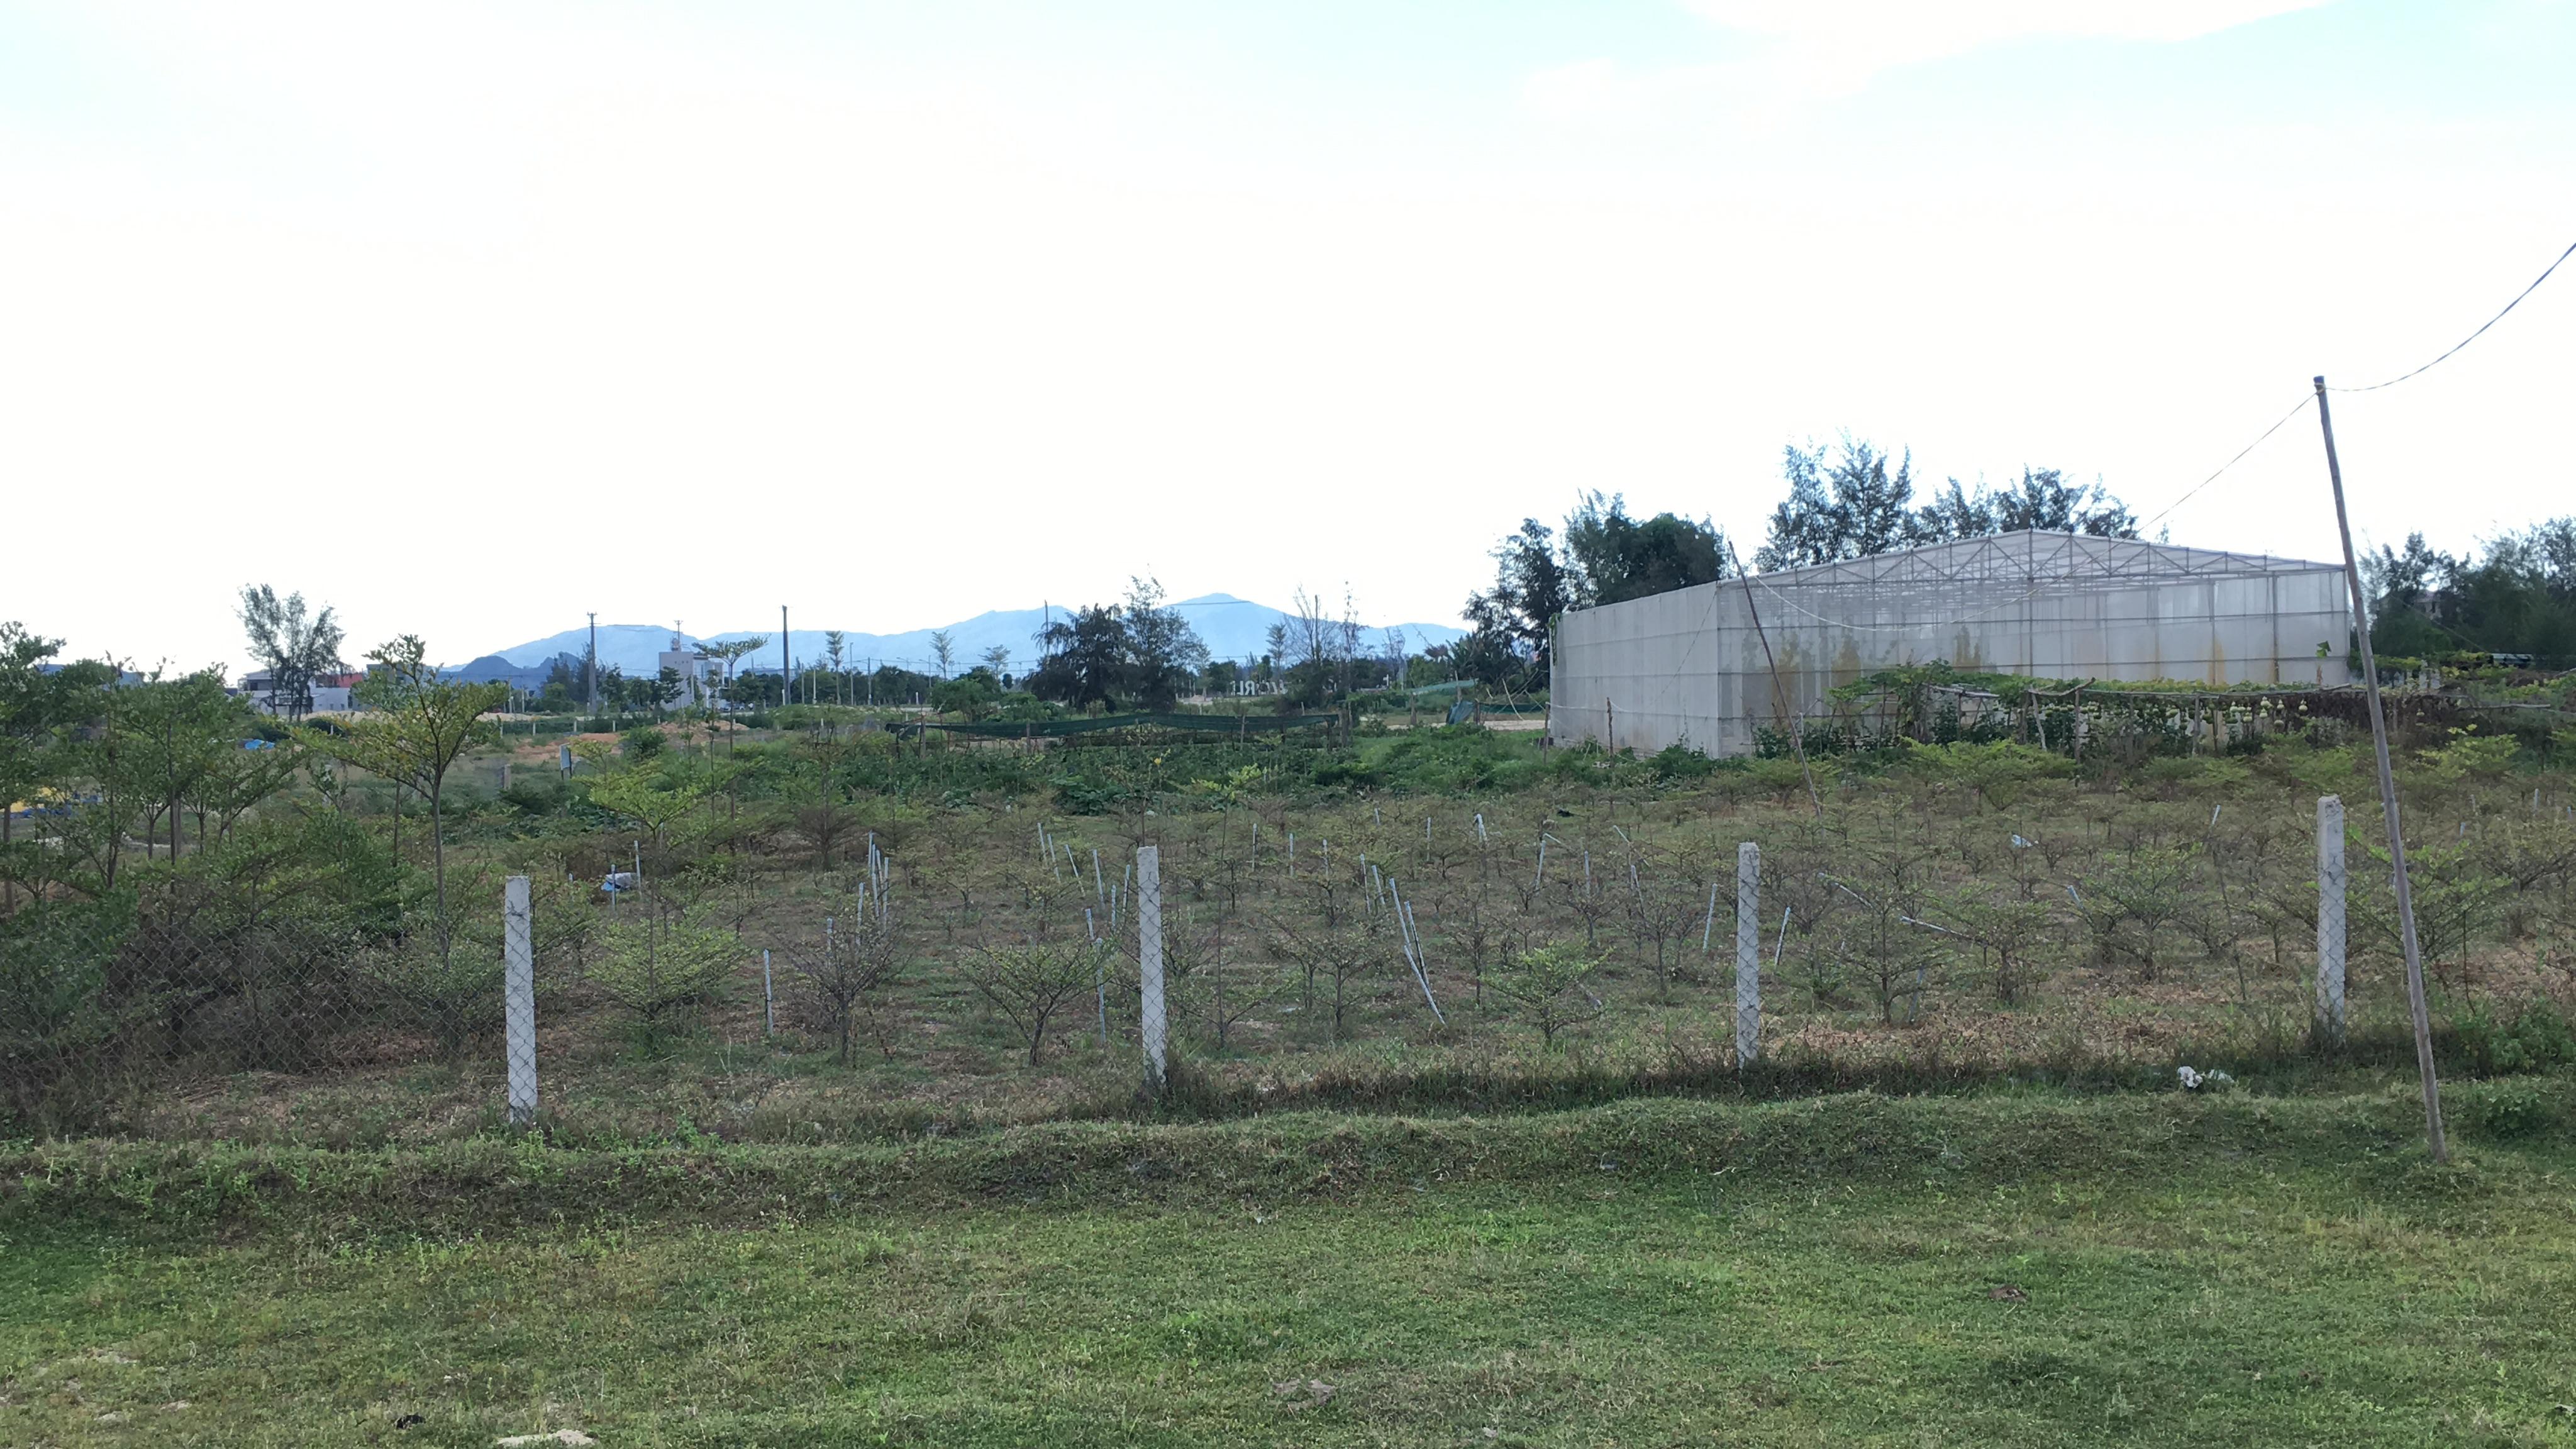 Quảng Nam: Dự án Khu đô thị 7B mở rộng hạ tầng dang dở, đang là nơi chăn thả bò - Ảnh 9.